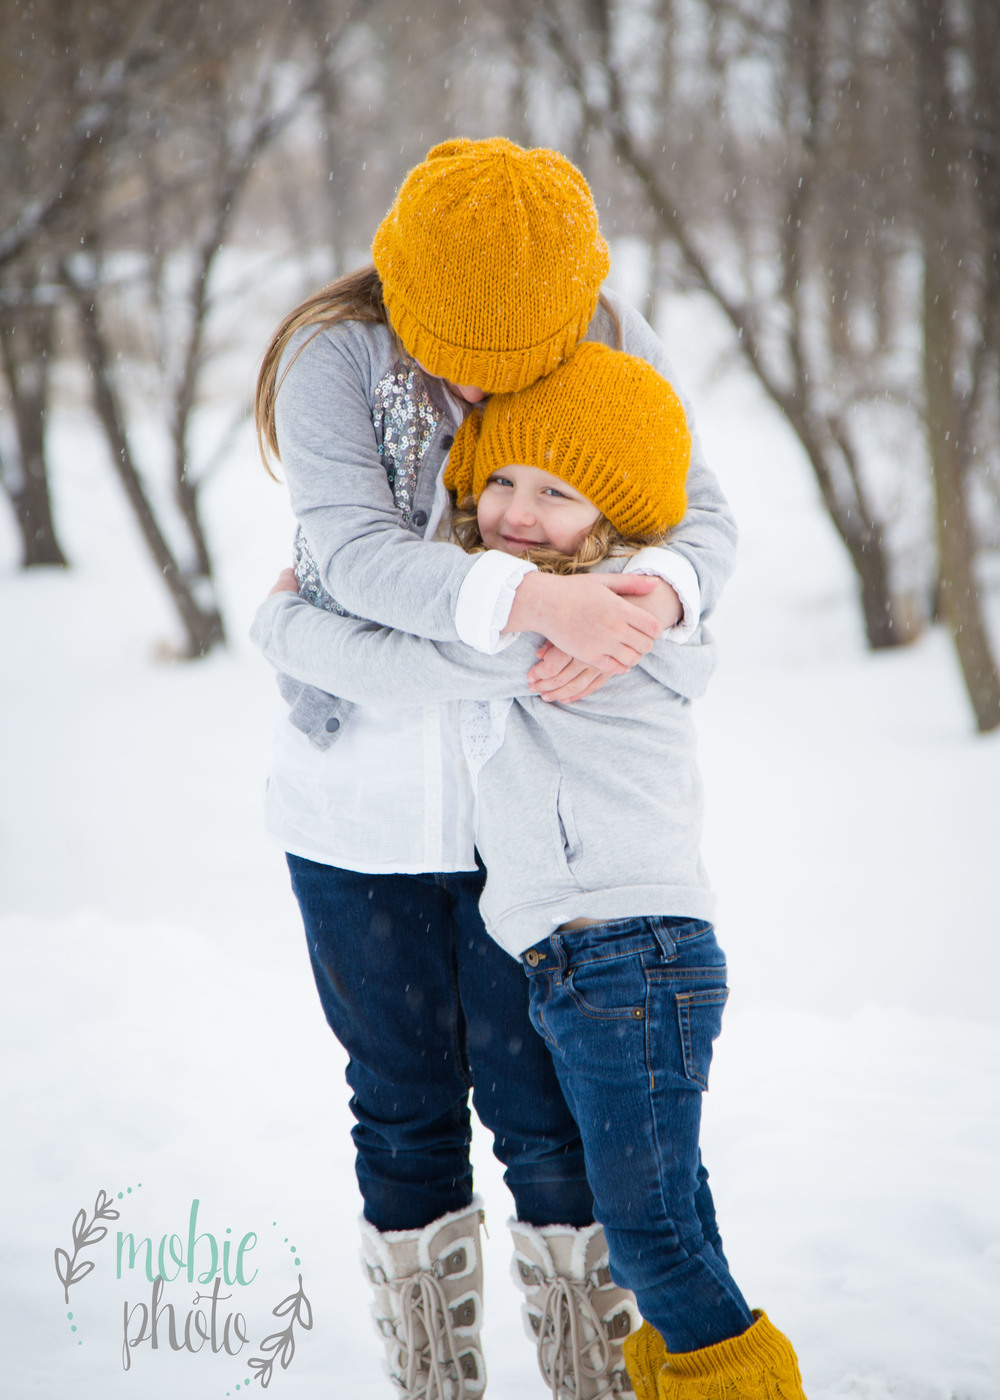 Mobie Photo - Extended Family Photographer in Salt Lake City, UT